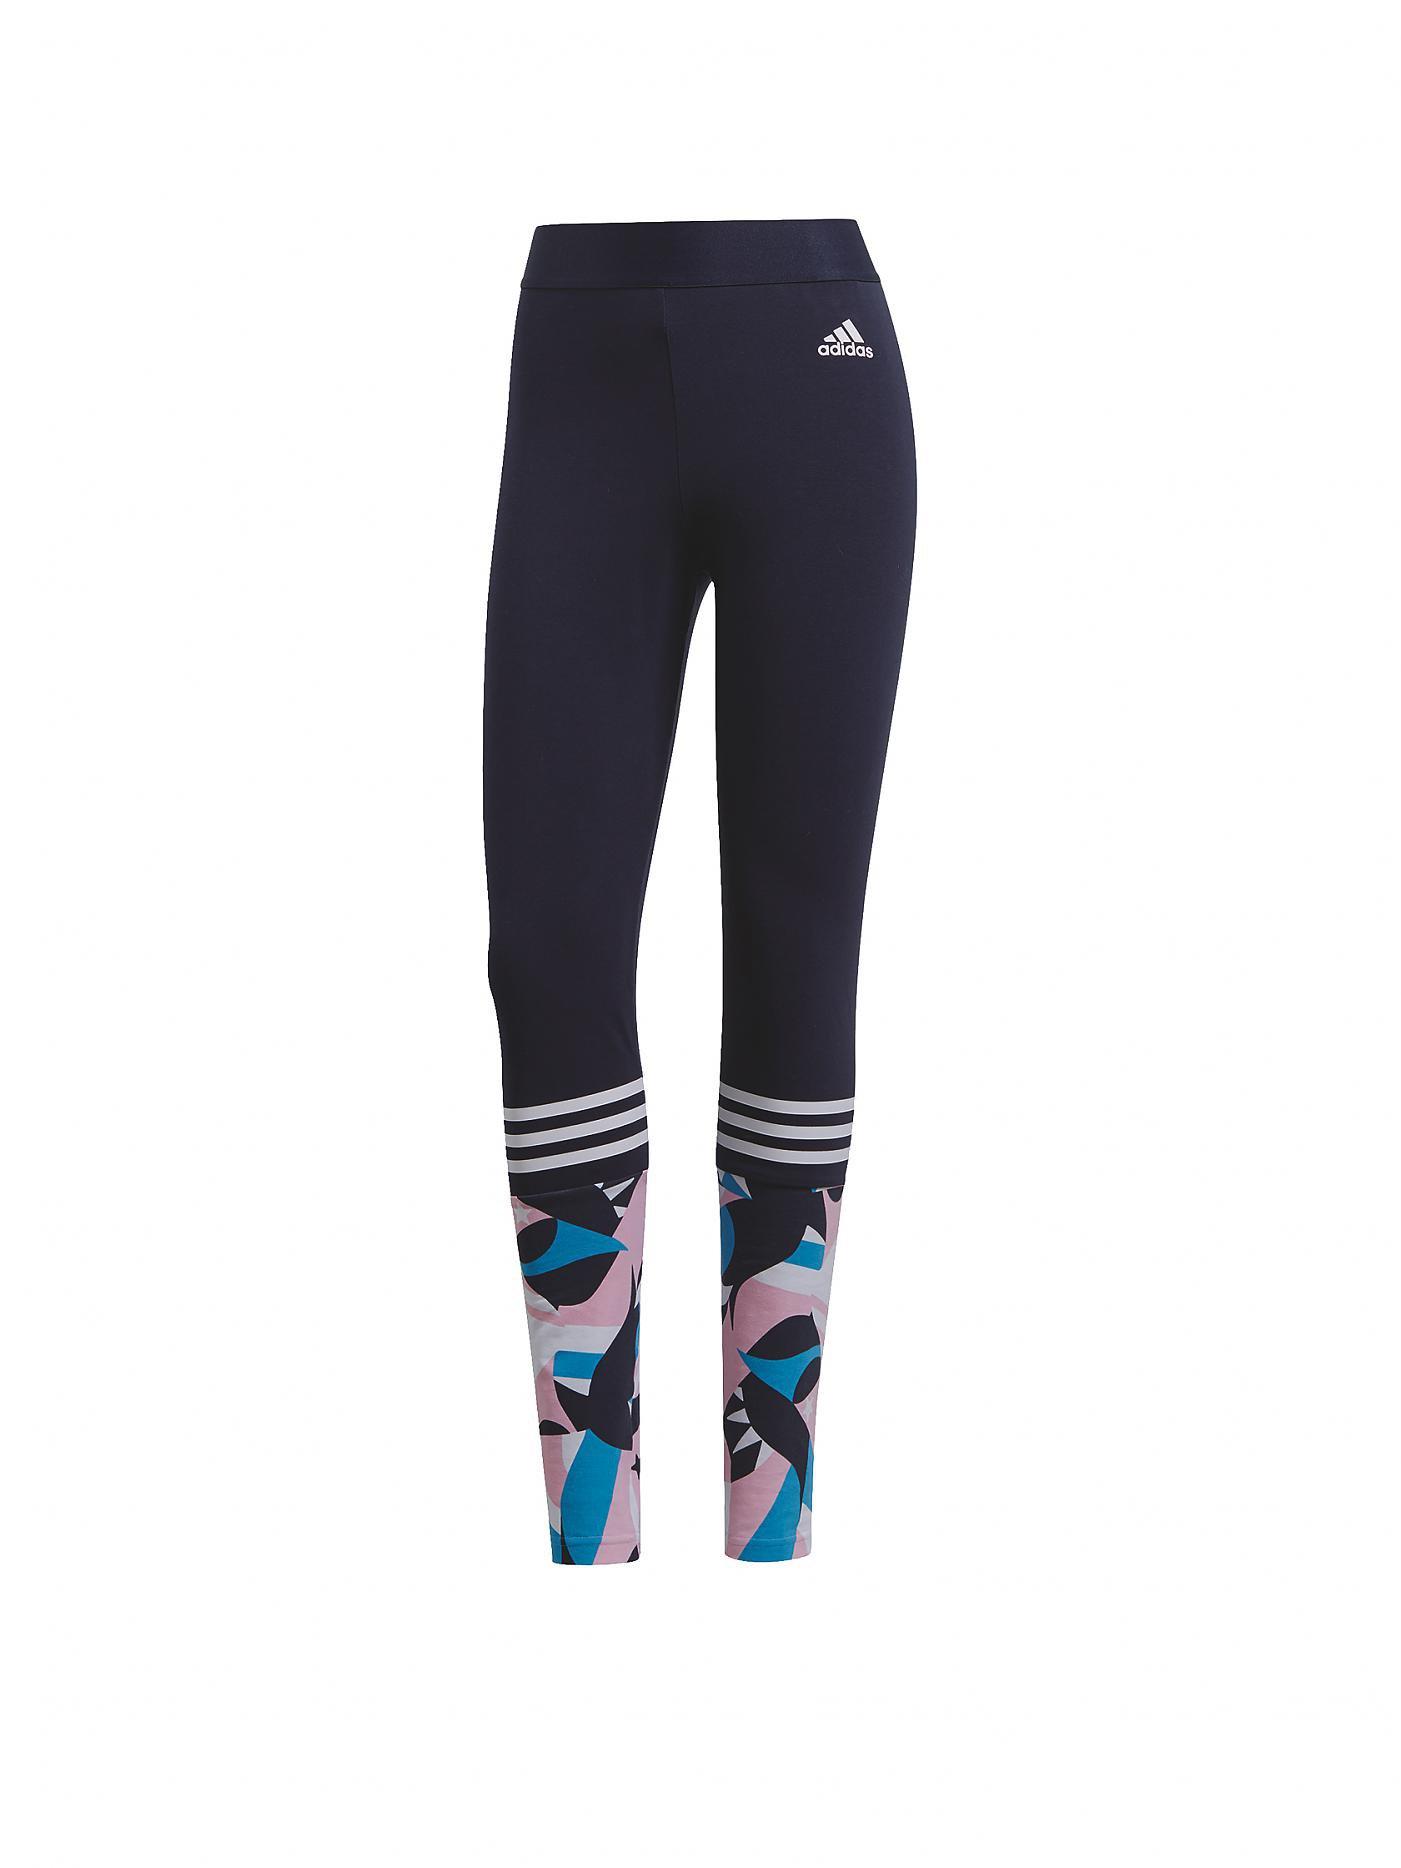 Damen Funktionsunterwäsche und Underwear von Nike, adidas